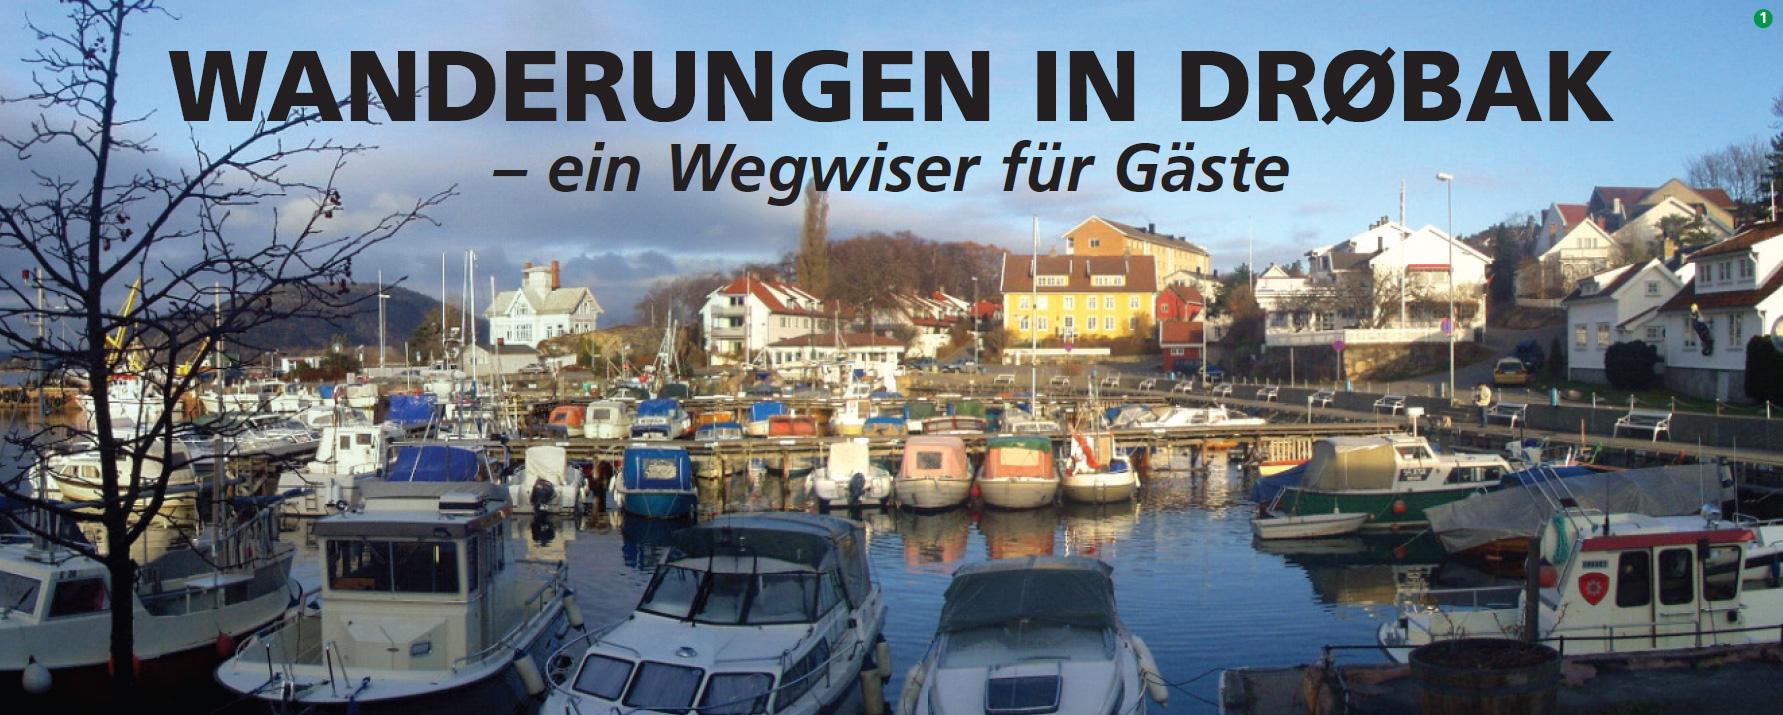 Wanderungen in Drøbak - ein Wegwiser für Gäste